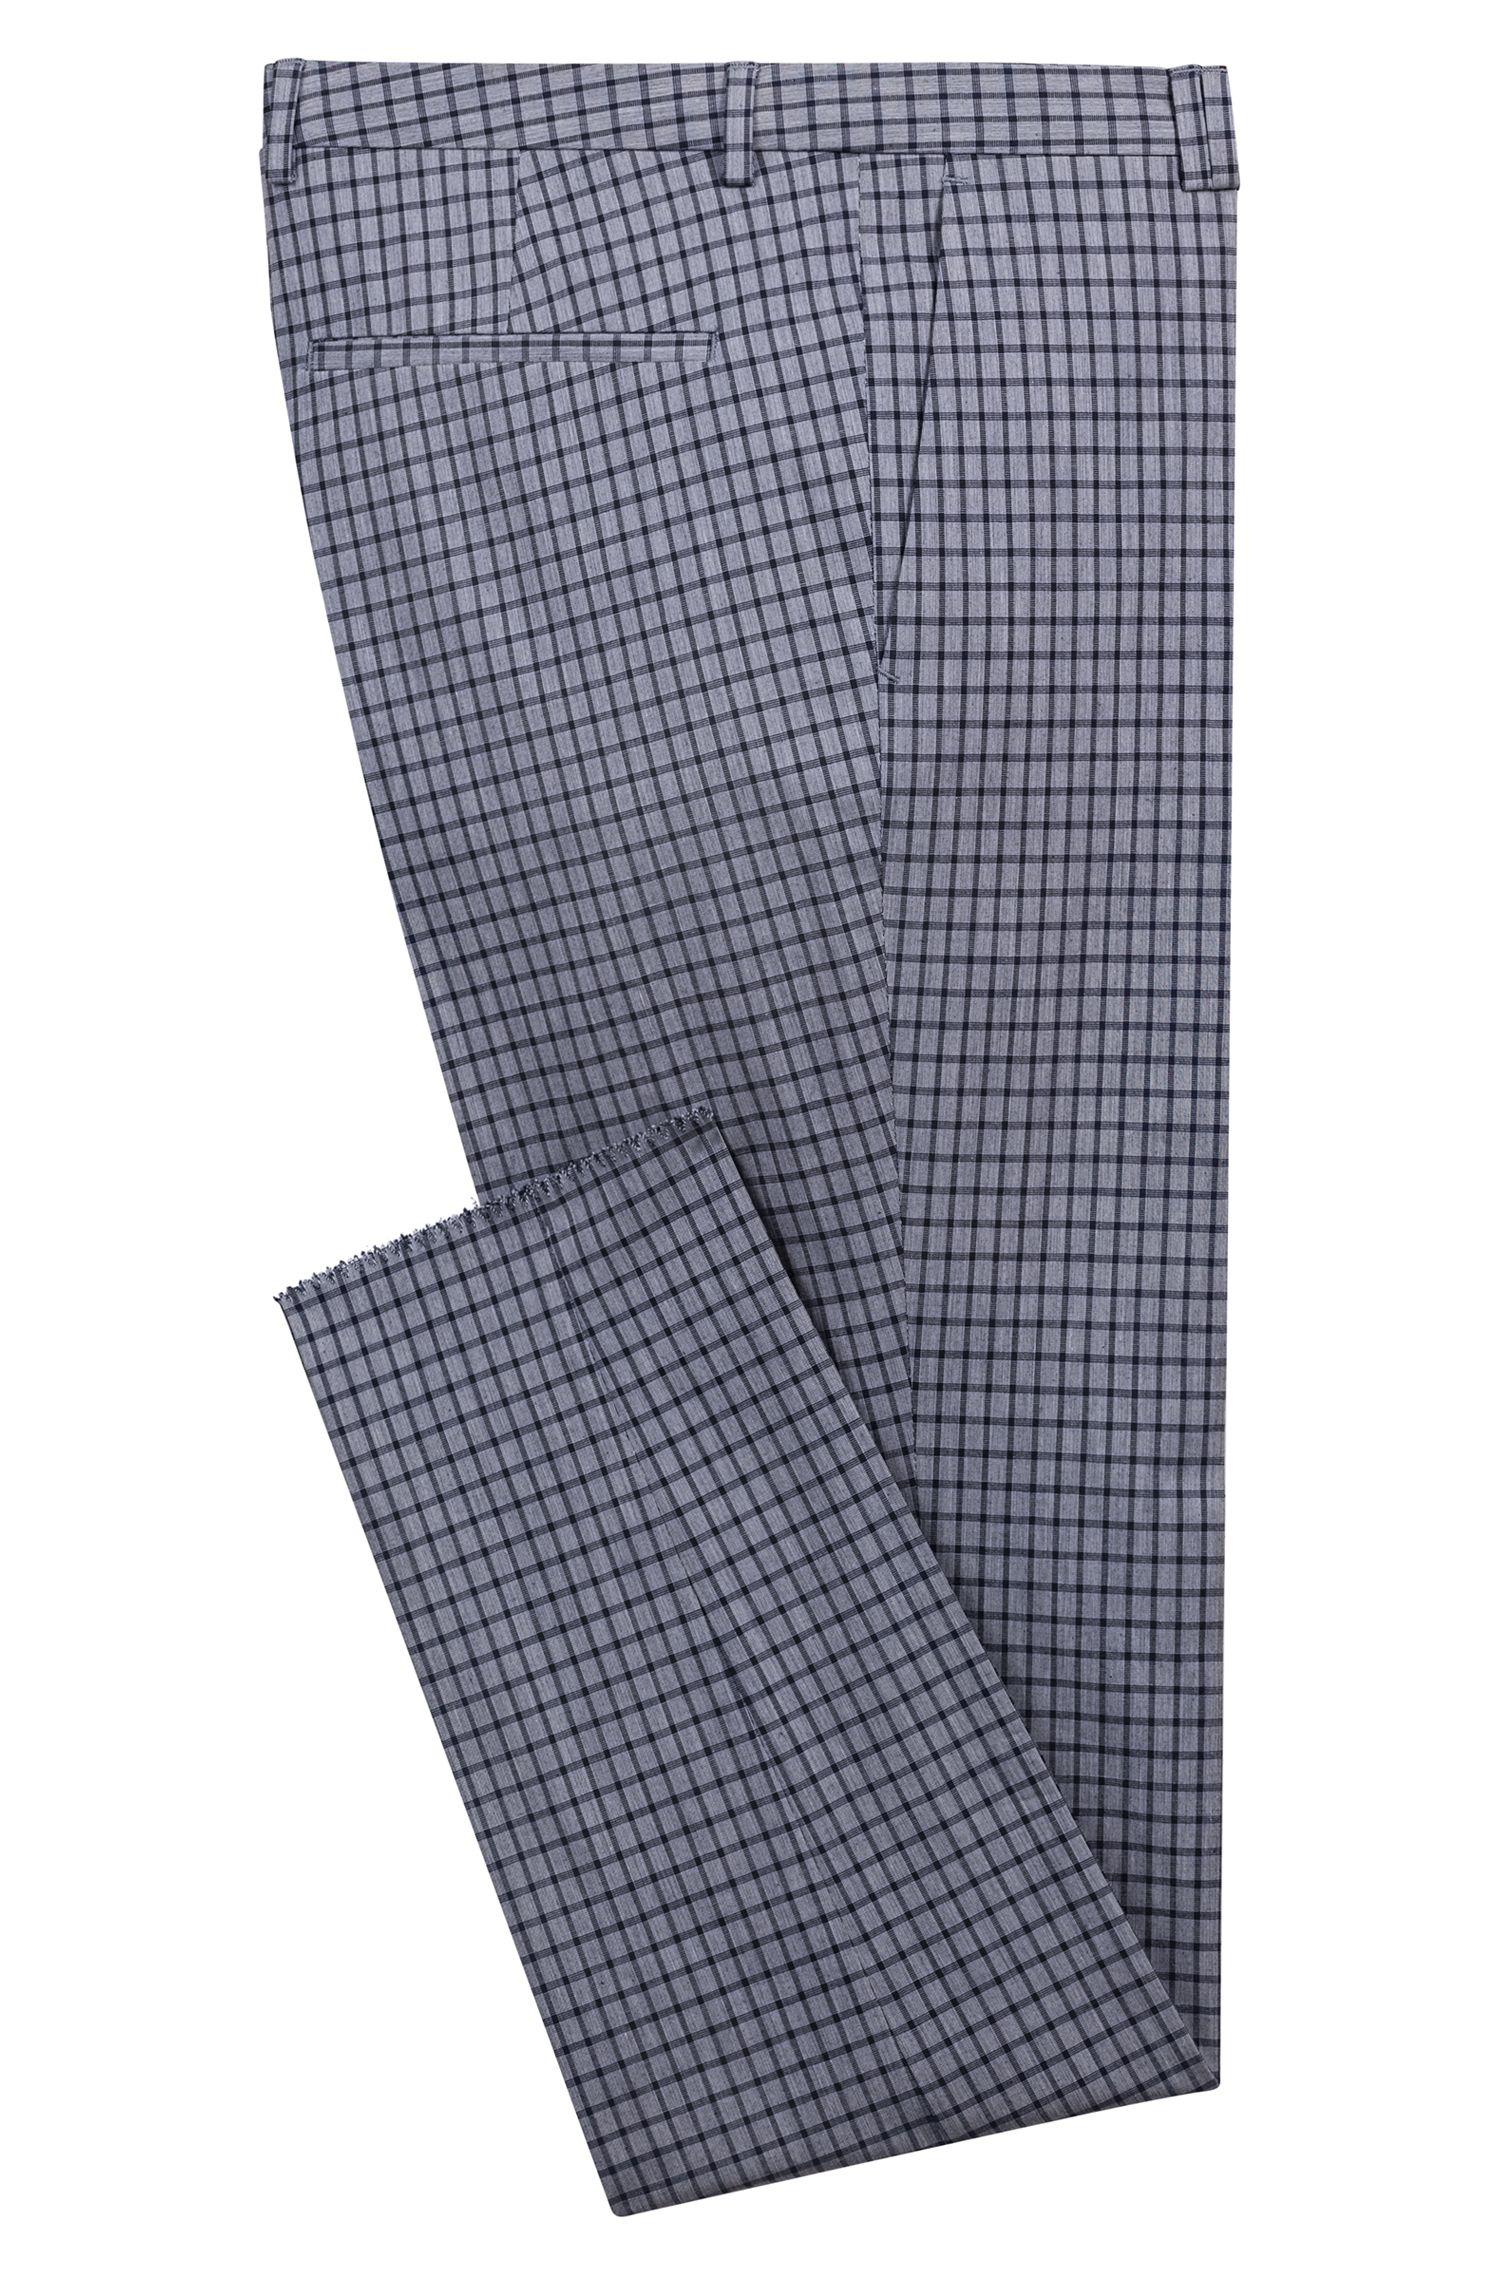 Pantalones extra slim fit en algodón elástico con microestampado de cuadros, Fantasía